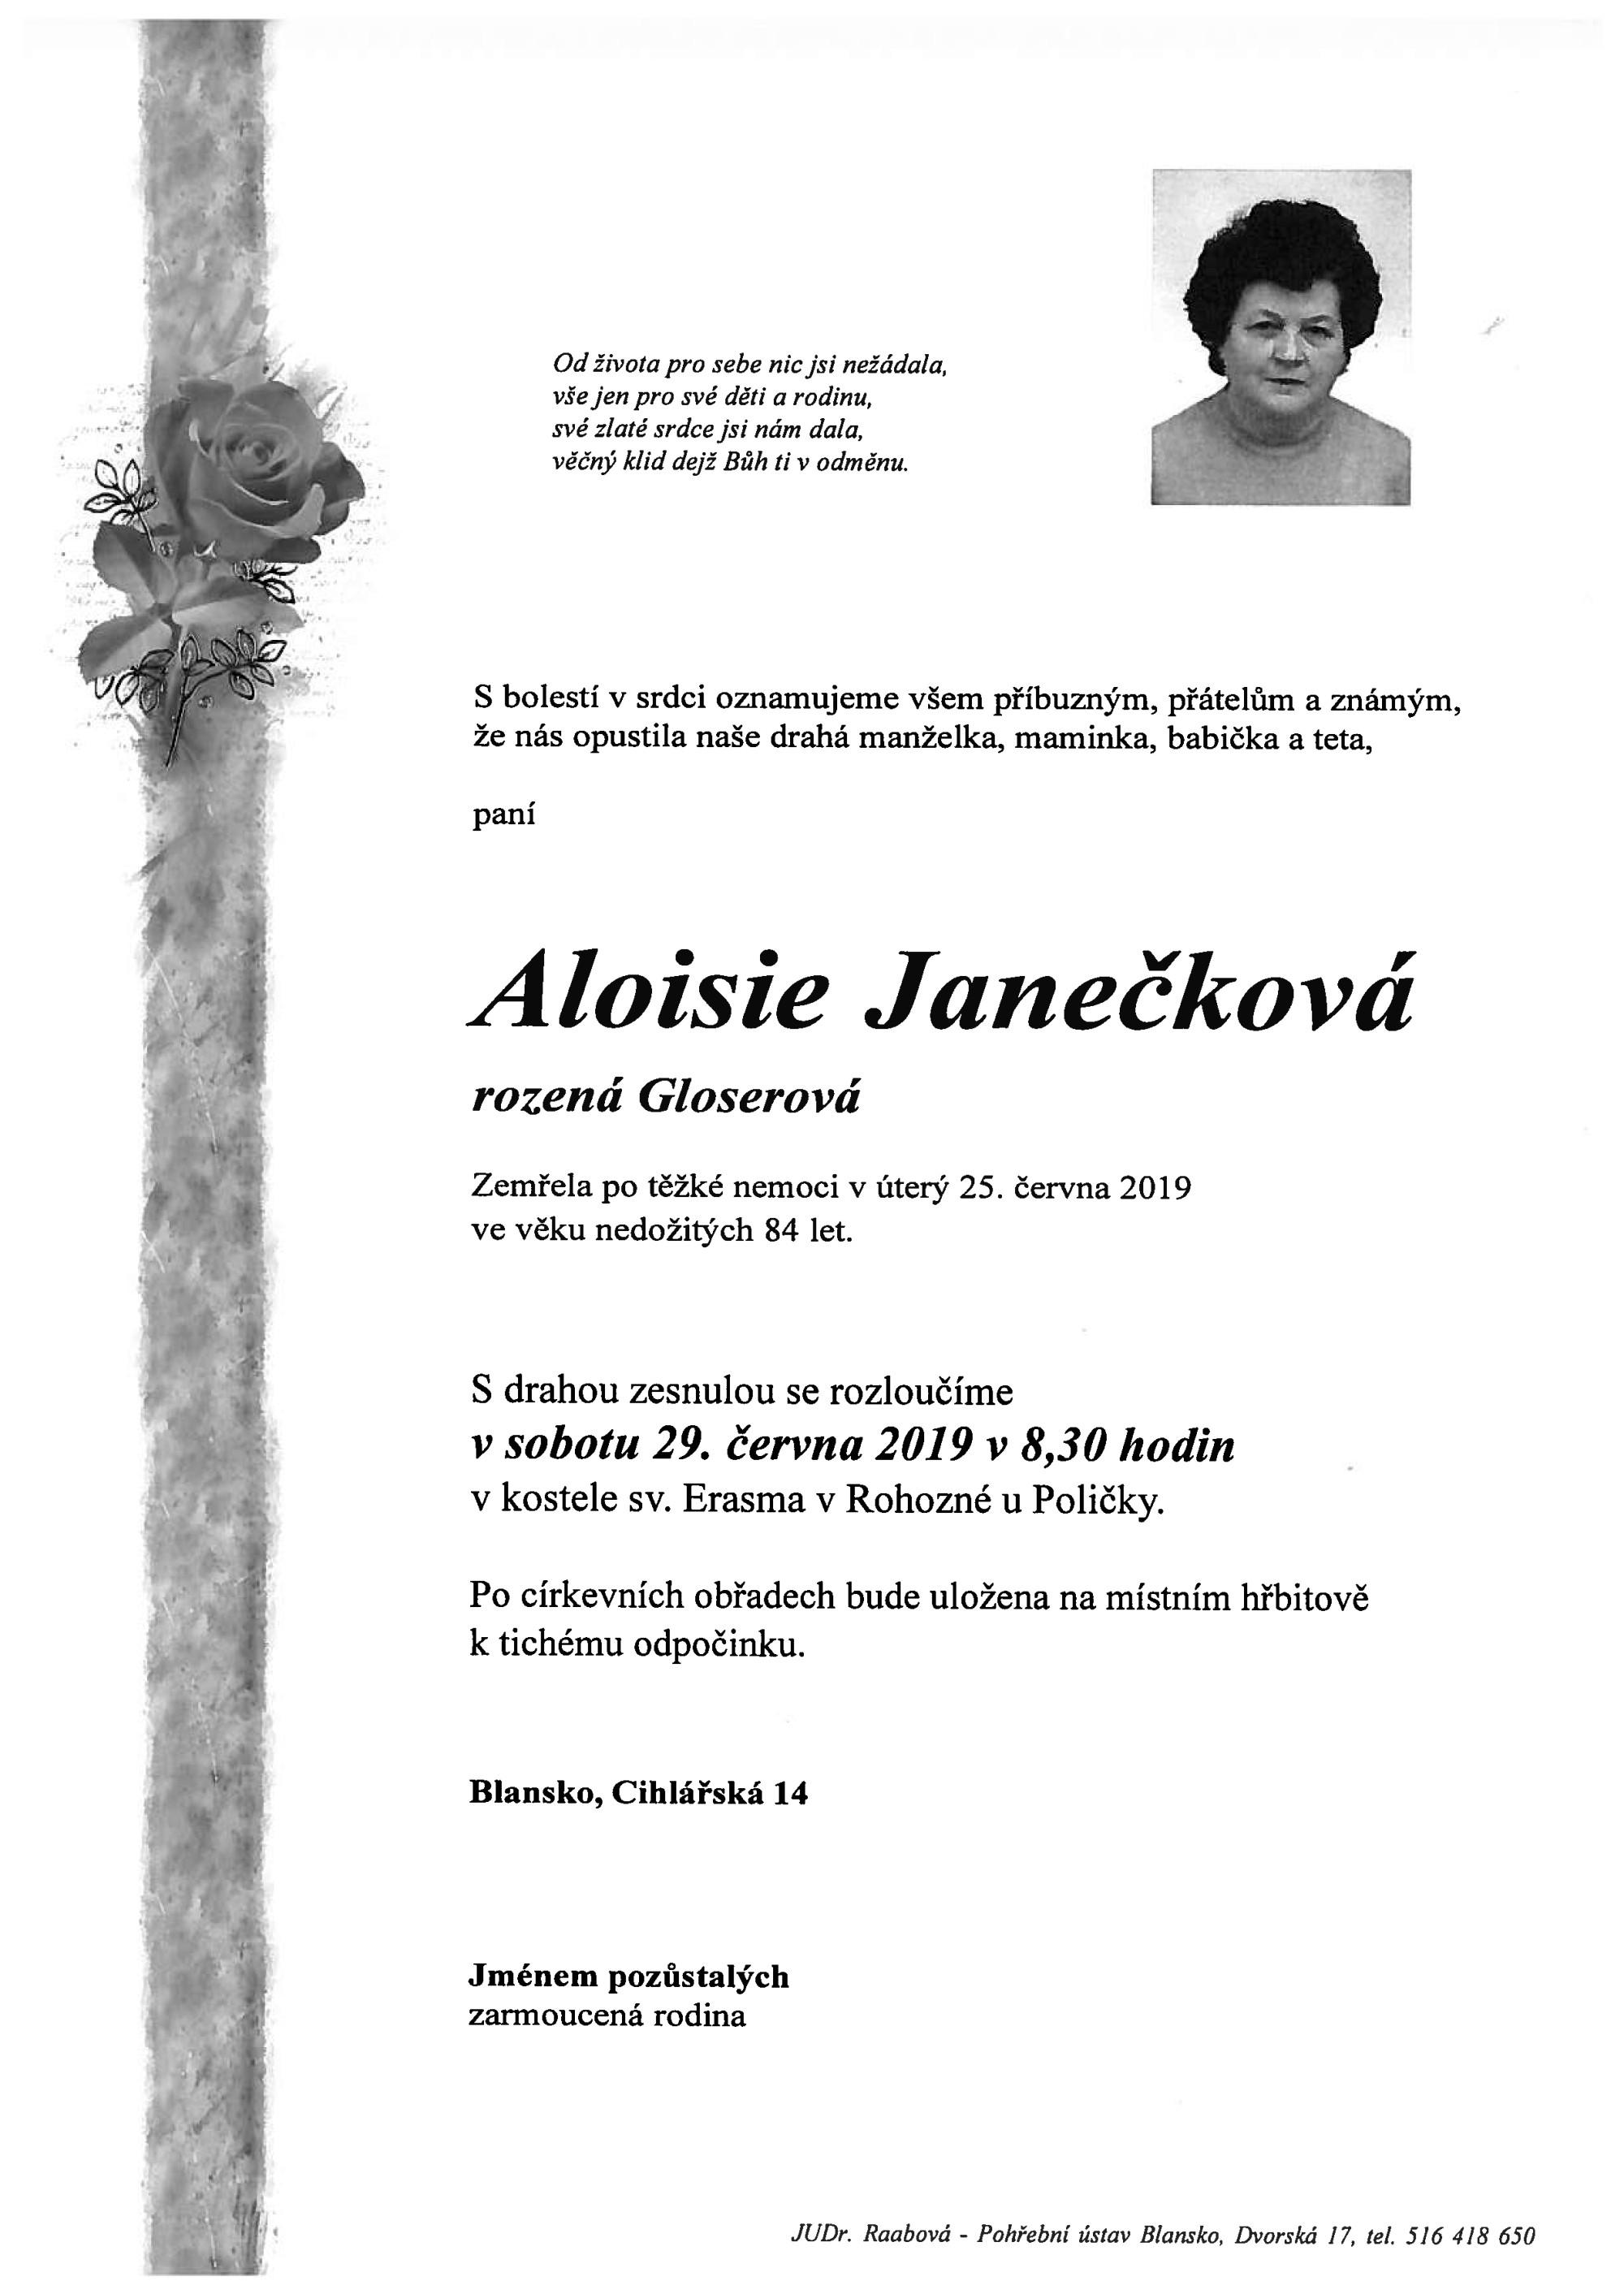 Aloisie Janečková